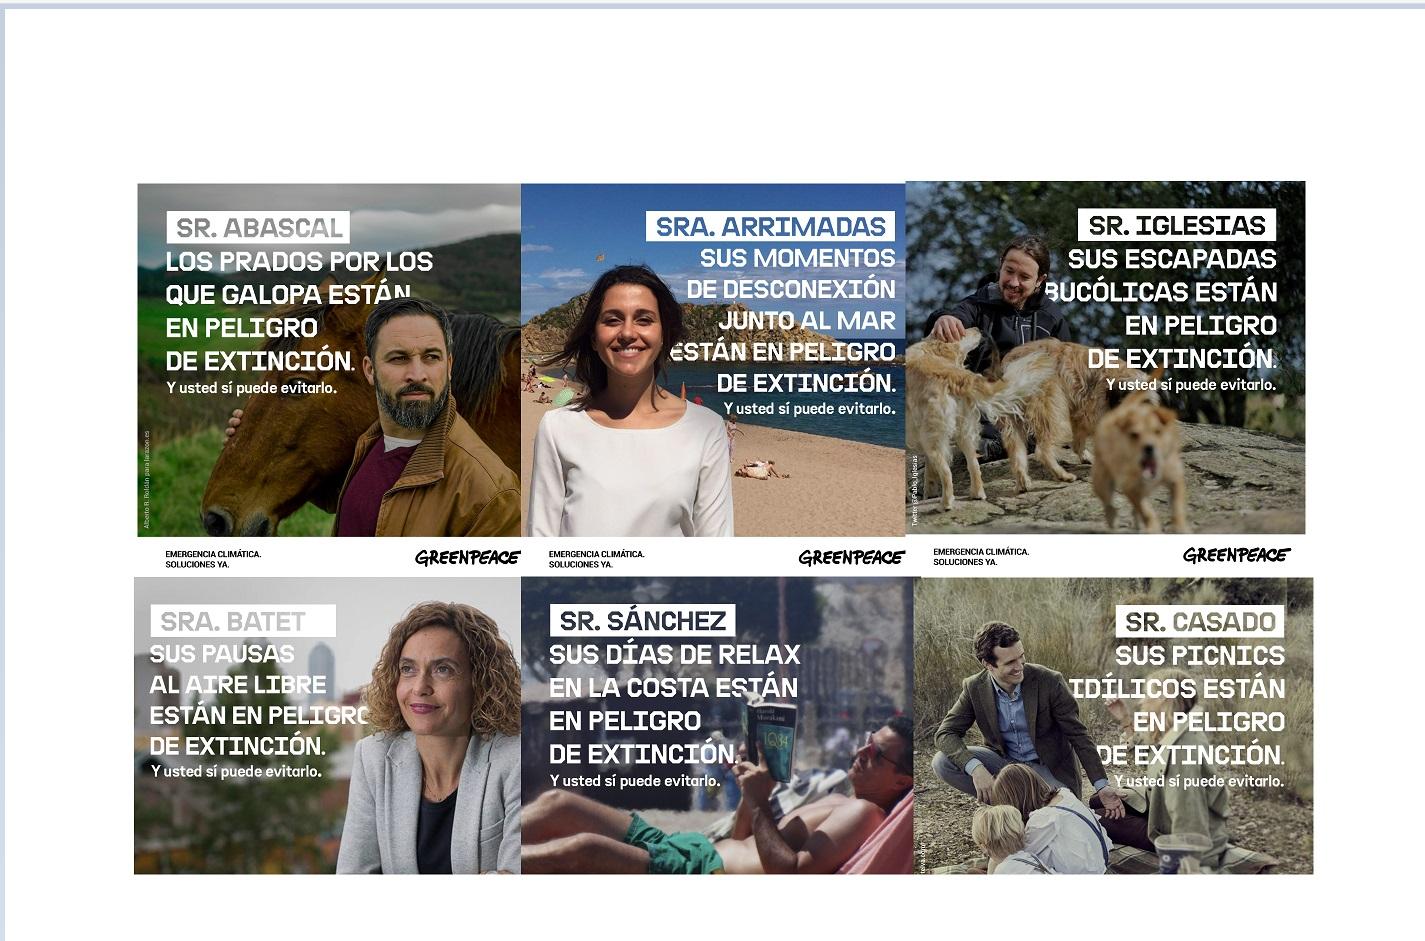 campaña , OMD , Greenpeace , politicos, programapublicidad